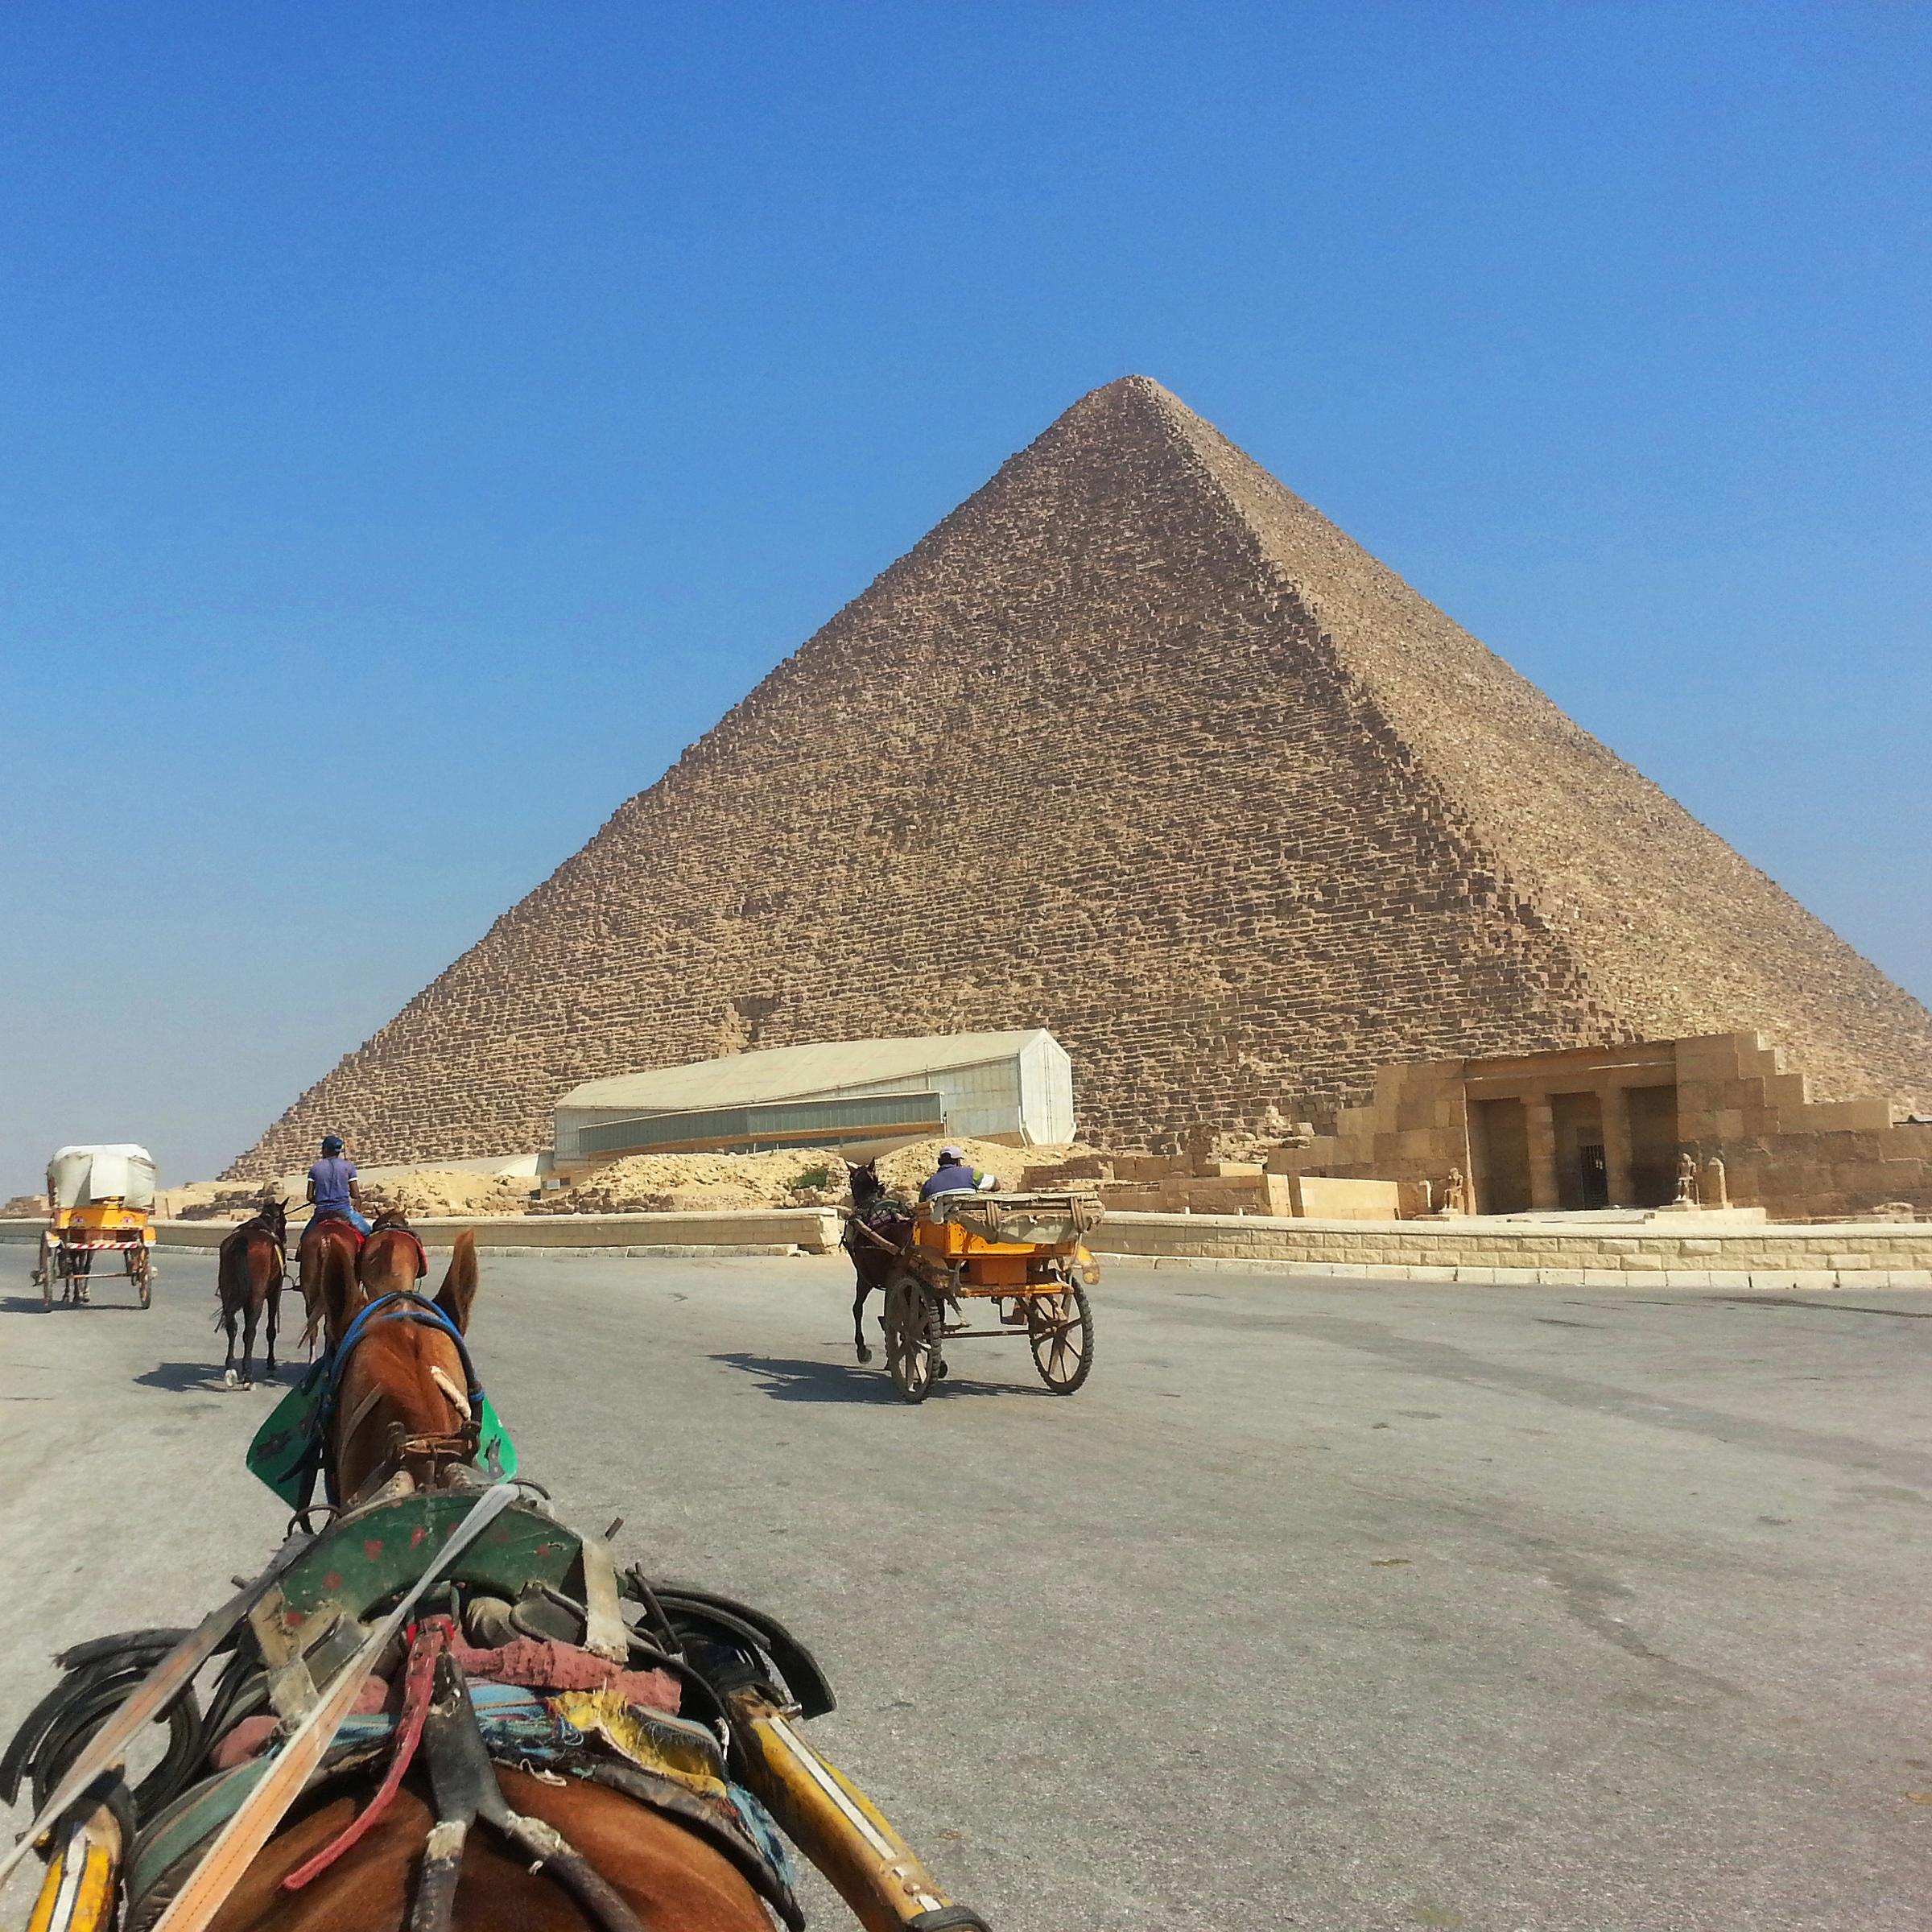 Plateau de Gizeh - pyramide de Khéops